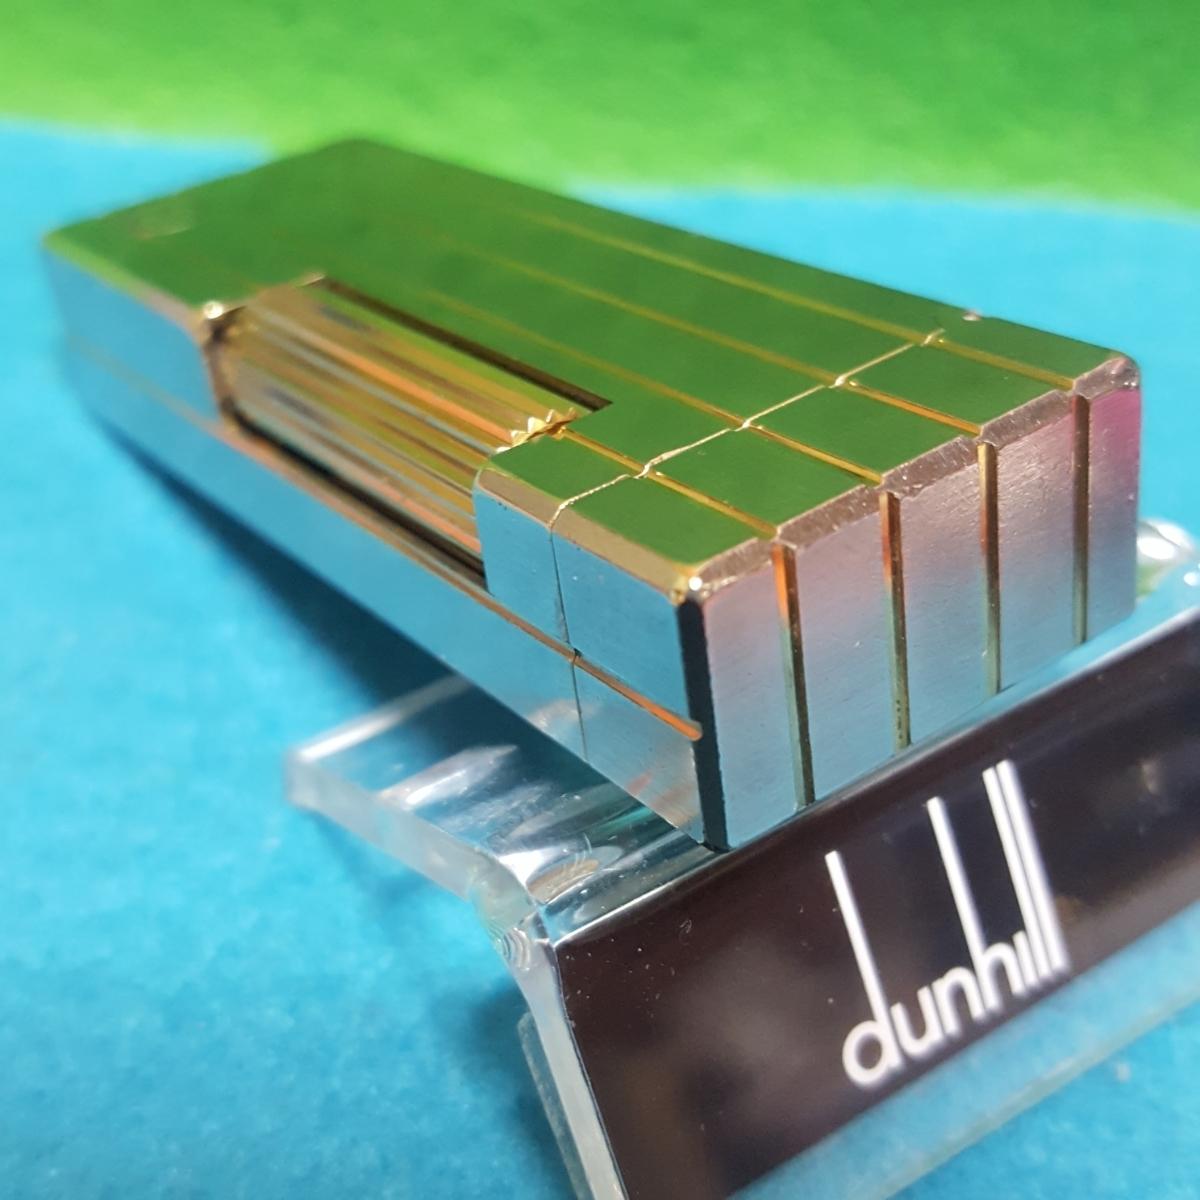 ダンヒルライター/D628/美品/オーバーホール/シルバー/パラジウム/Ⅳライン/dマーク/レストア_画像3